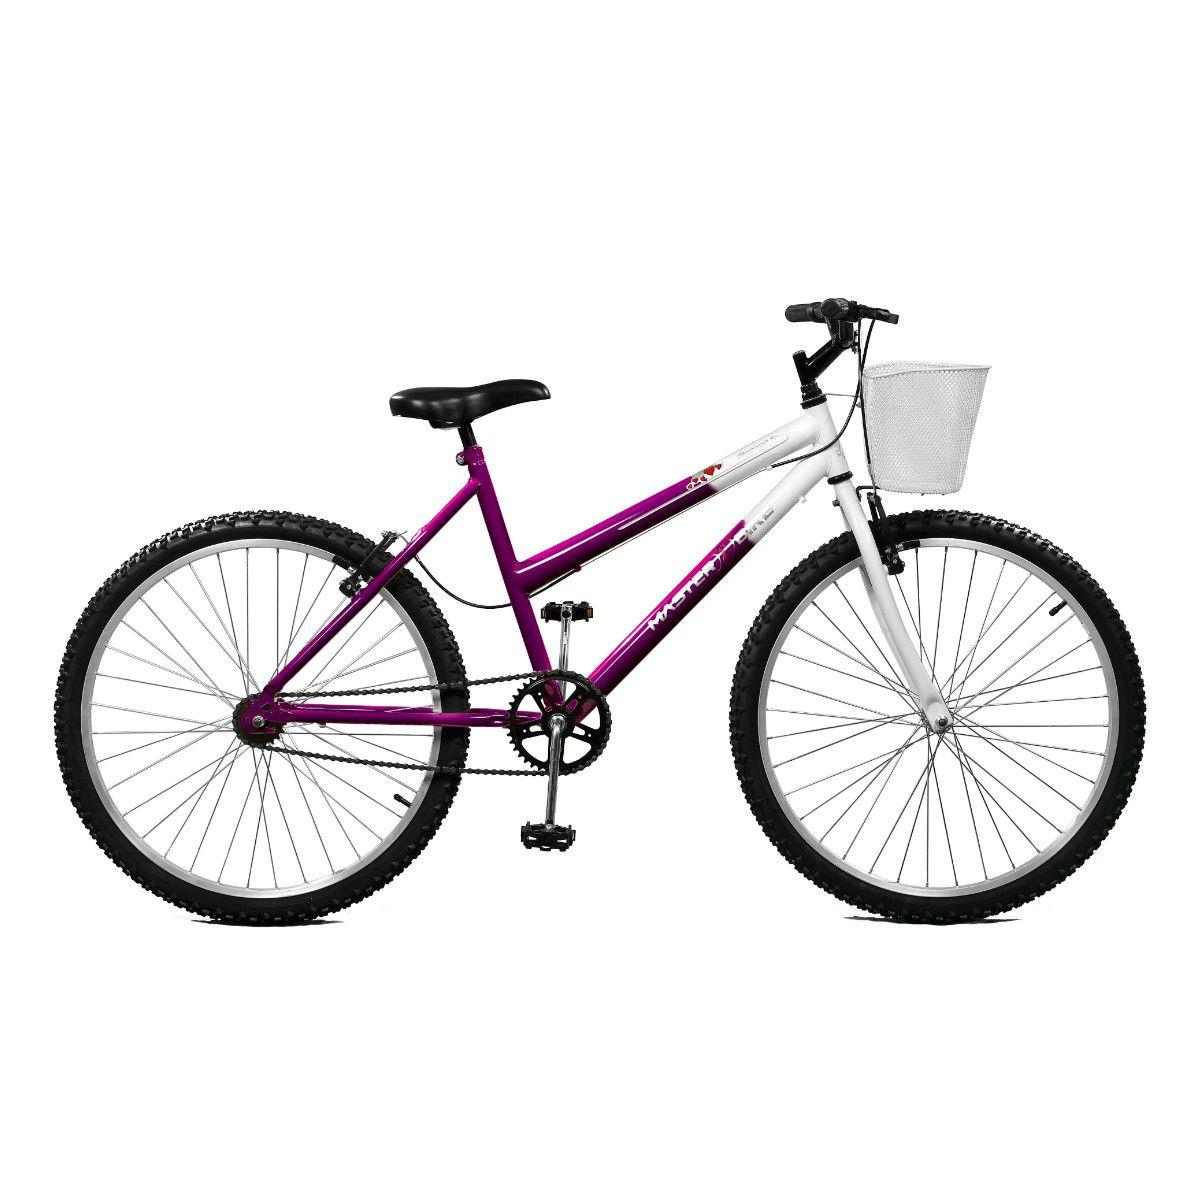 Bicicleta Master Bike Aro 26 Serena Freio V-Brake Violeta/Branco